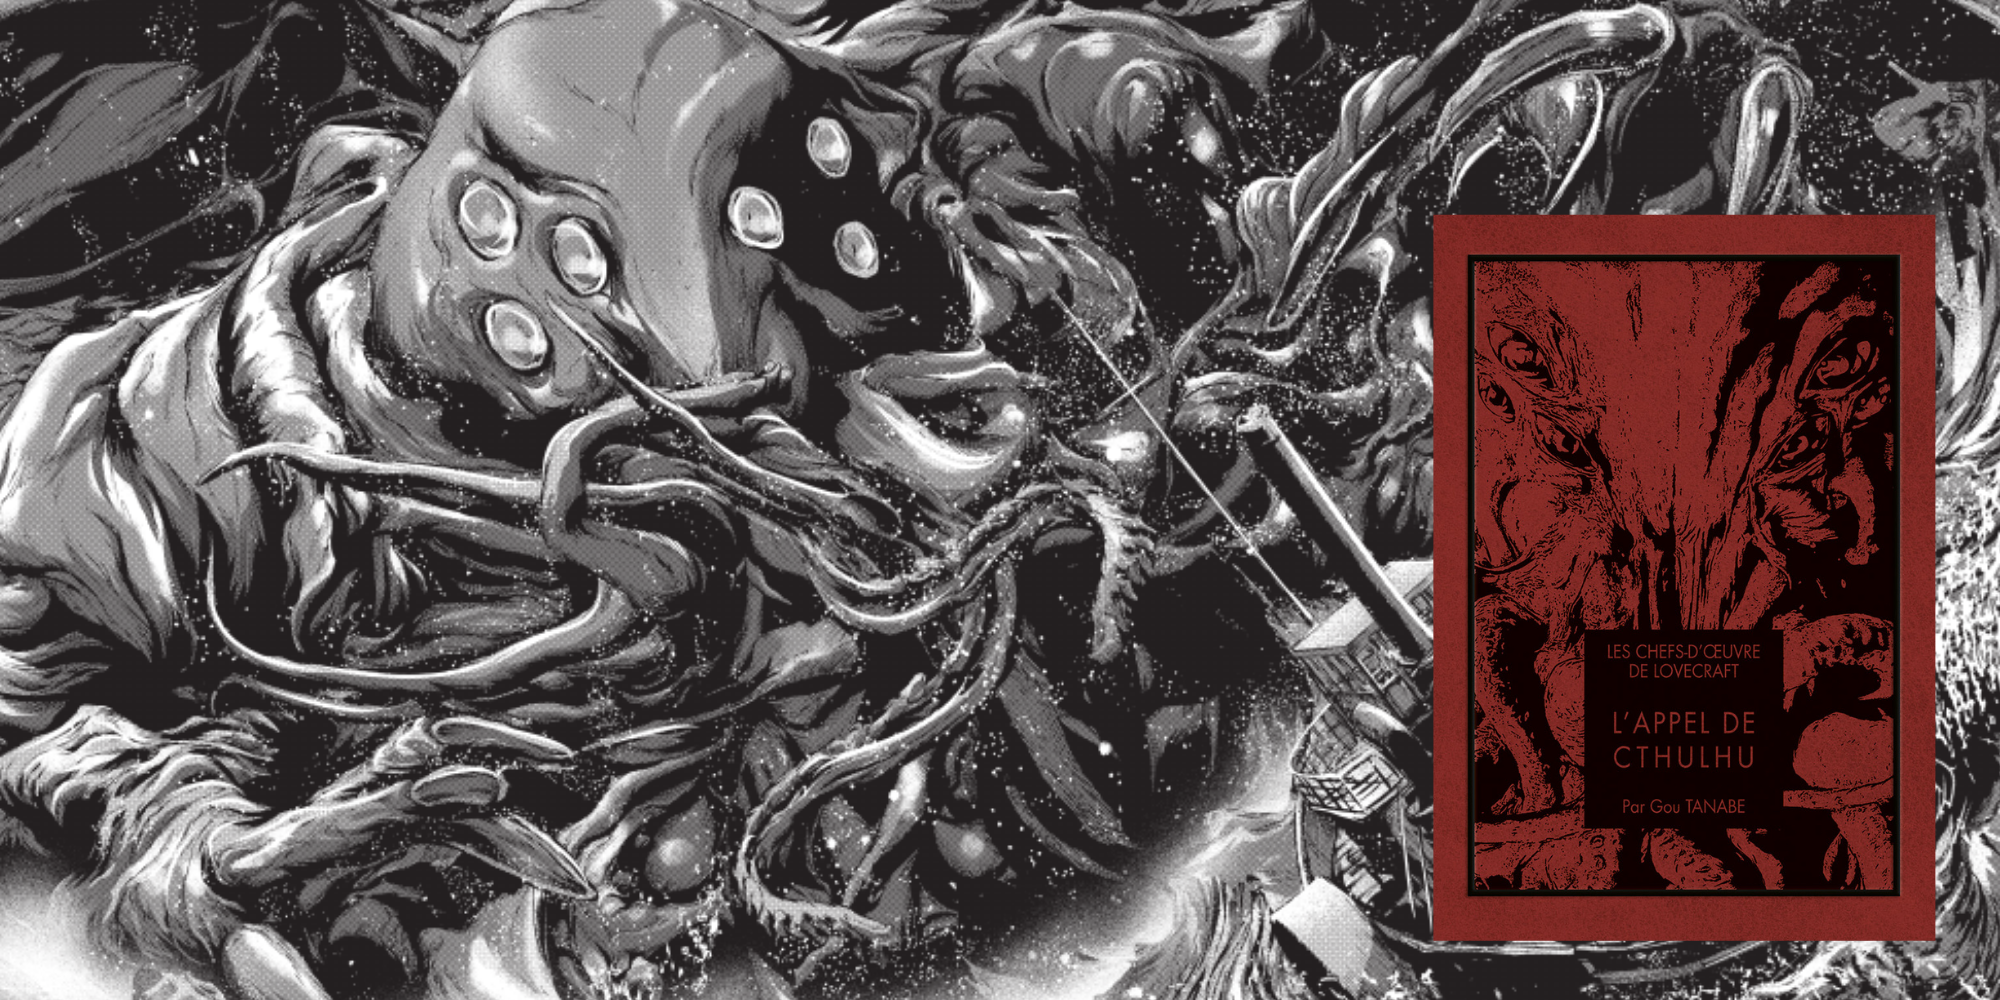 """""""Les chefs d'œuvre de Lovecraft"""" : les monstres de H.P. Lovecraft prennent vie en manga"""